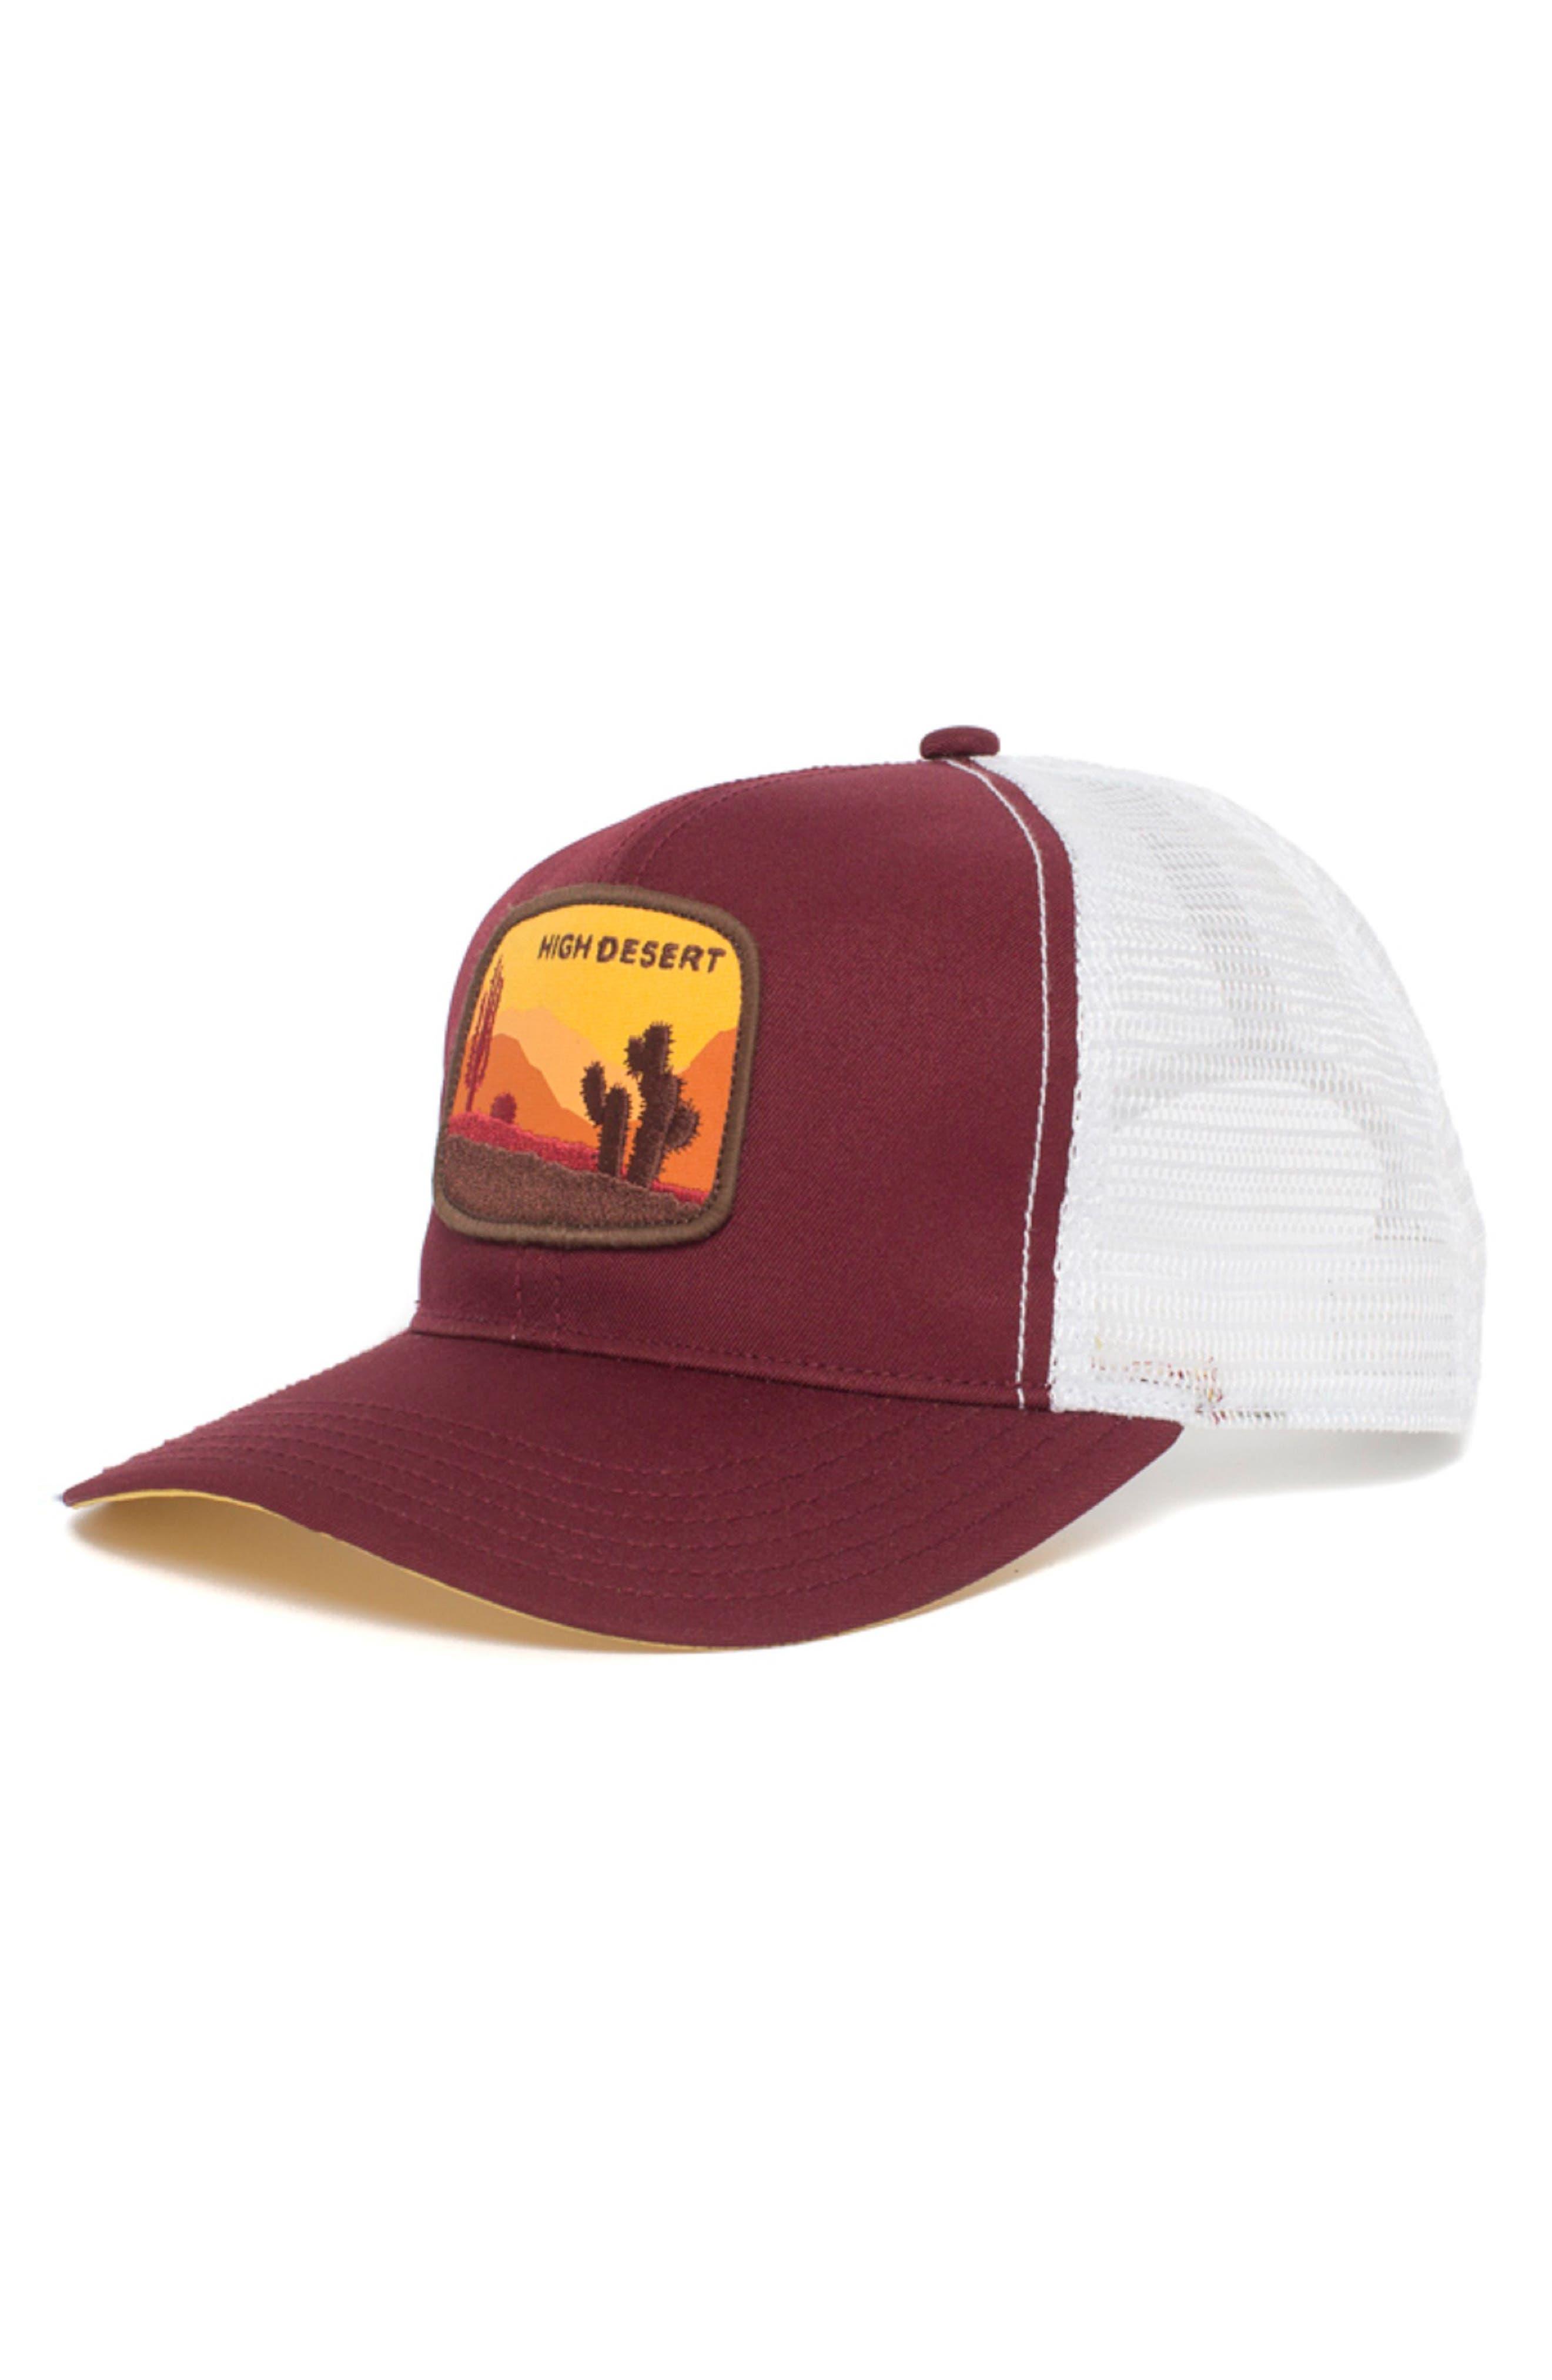 High Desert Trucker Hat,                         Main,                         color, Burgundy